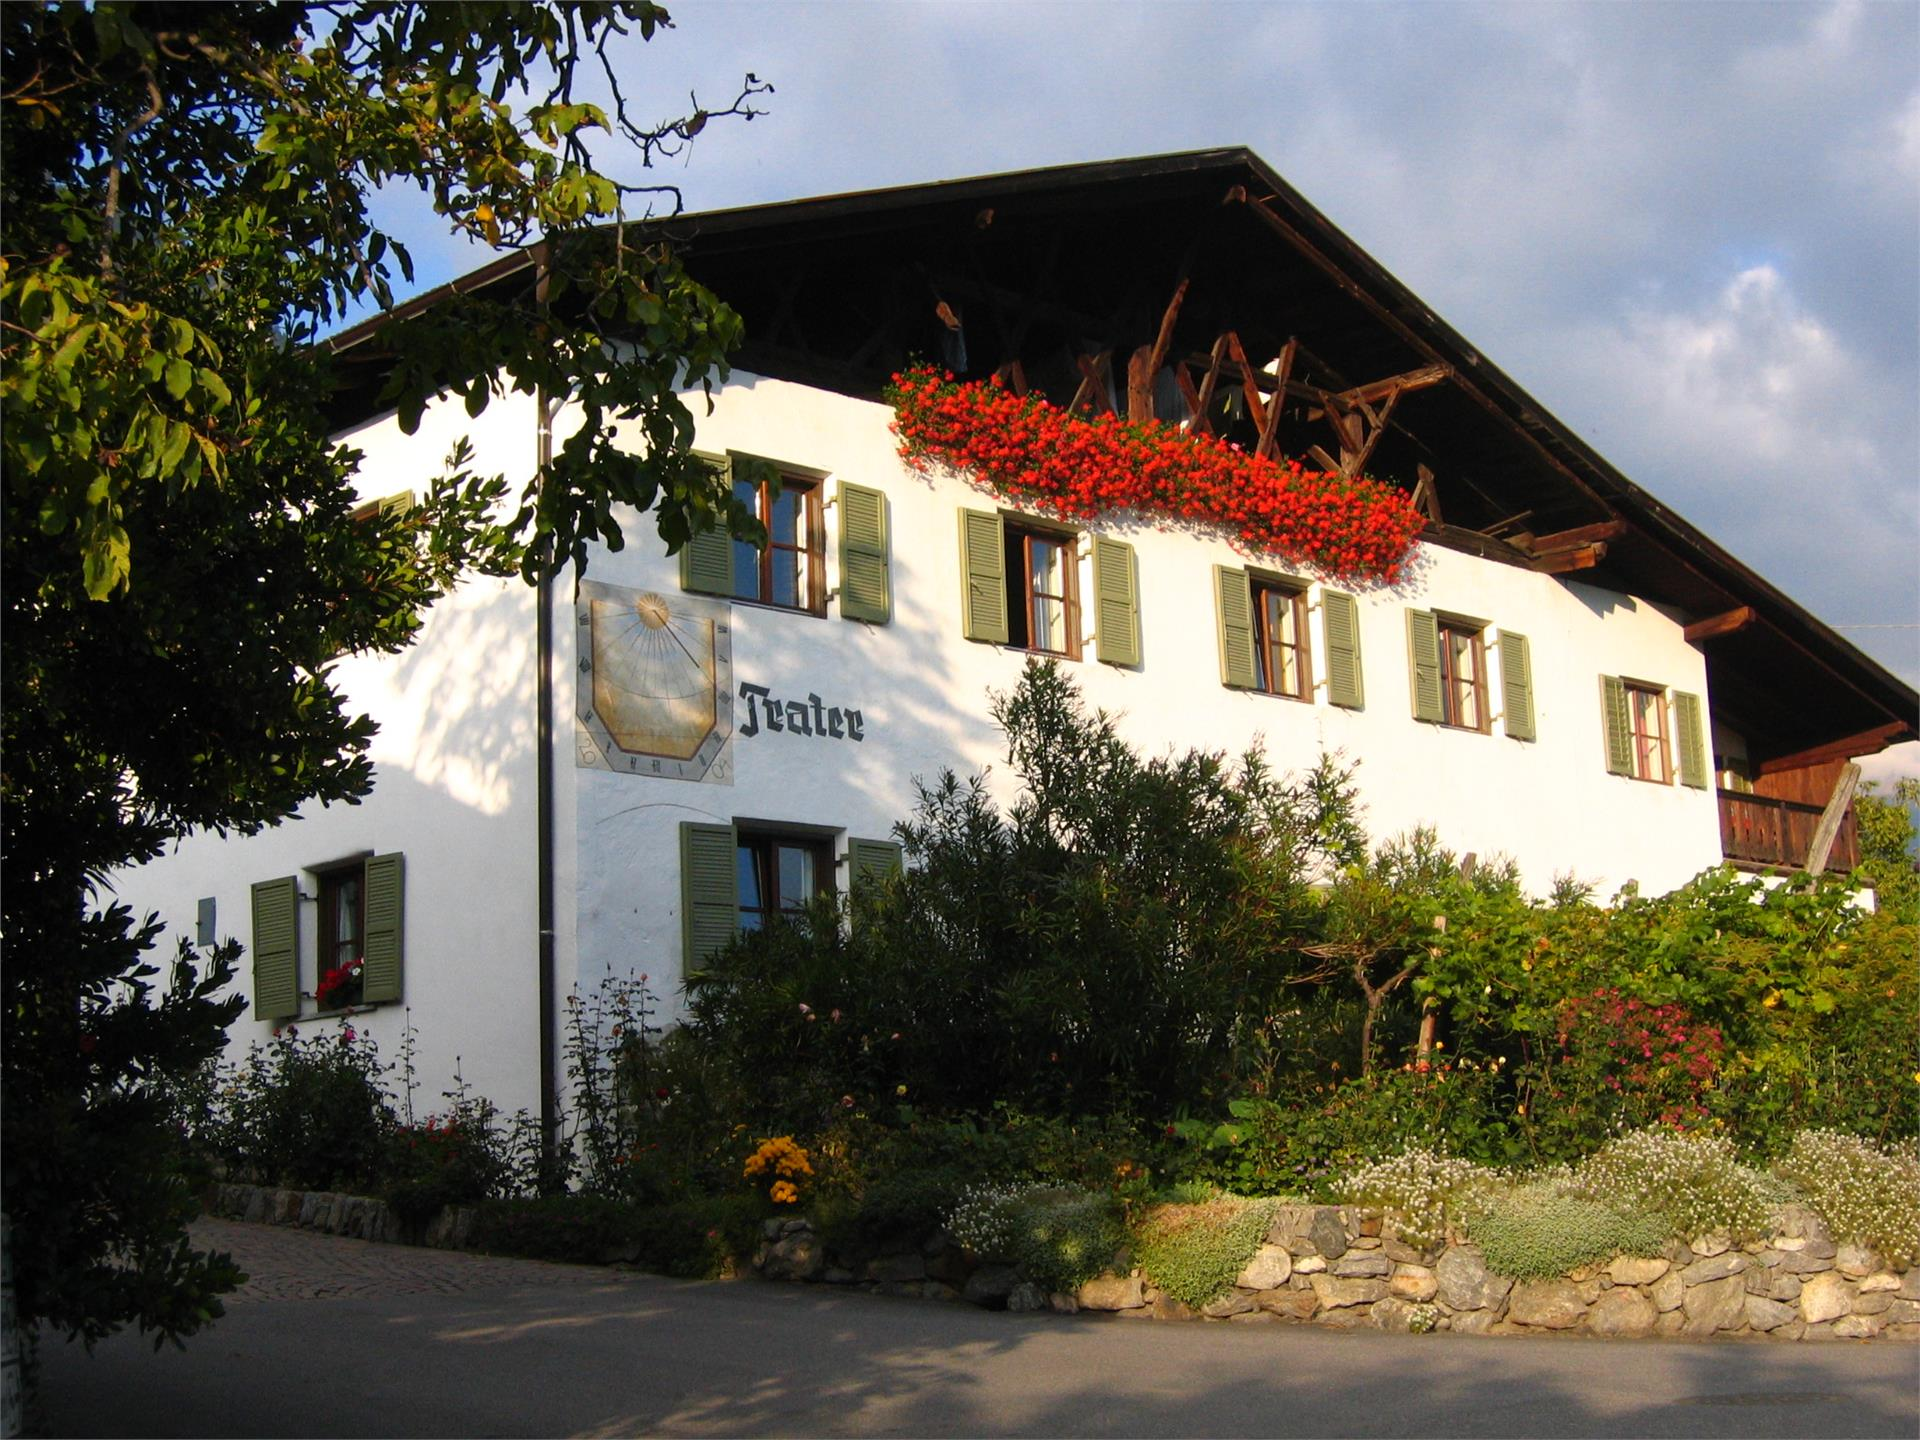 Bauernhof Traterhof